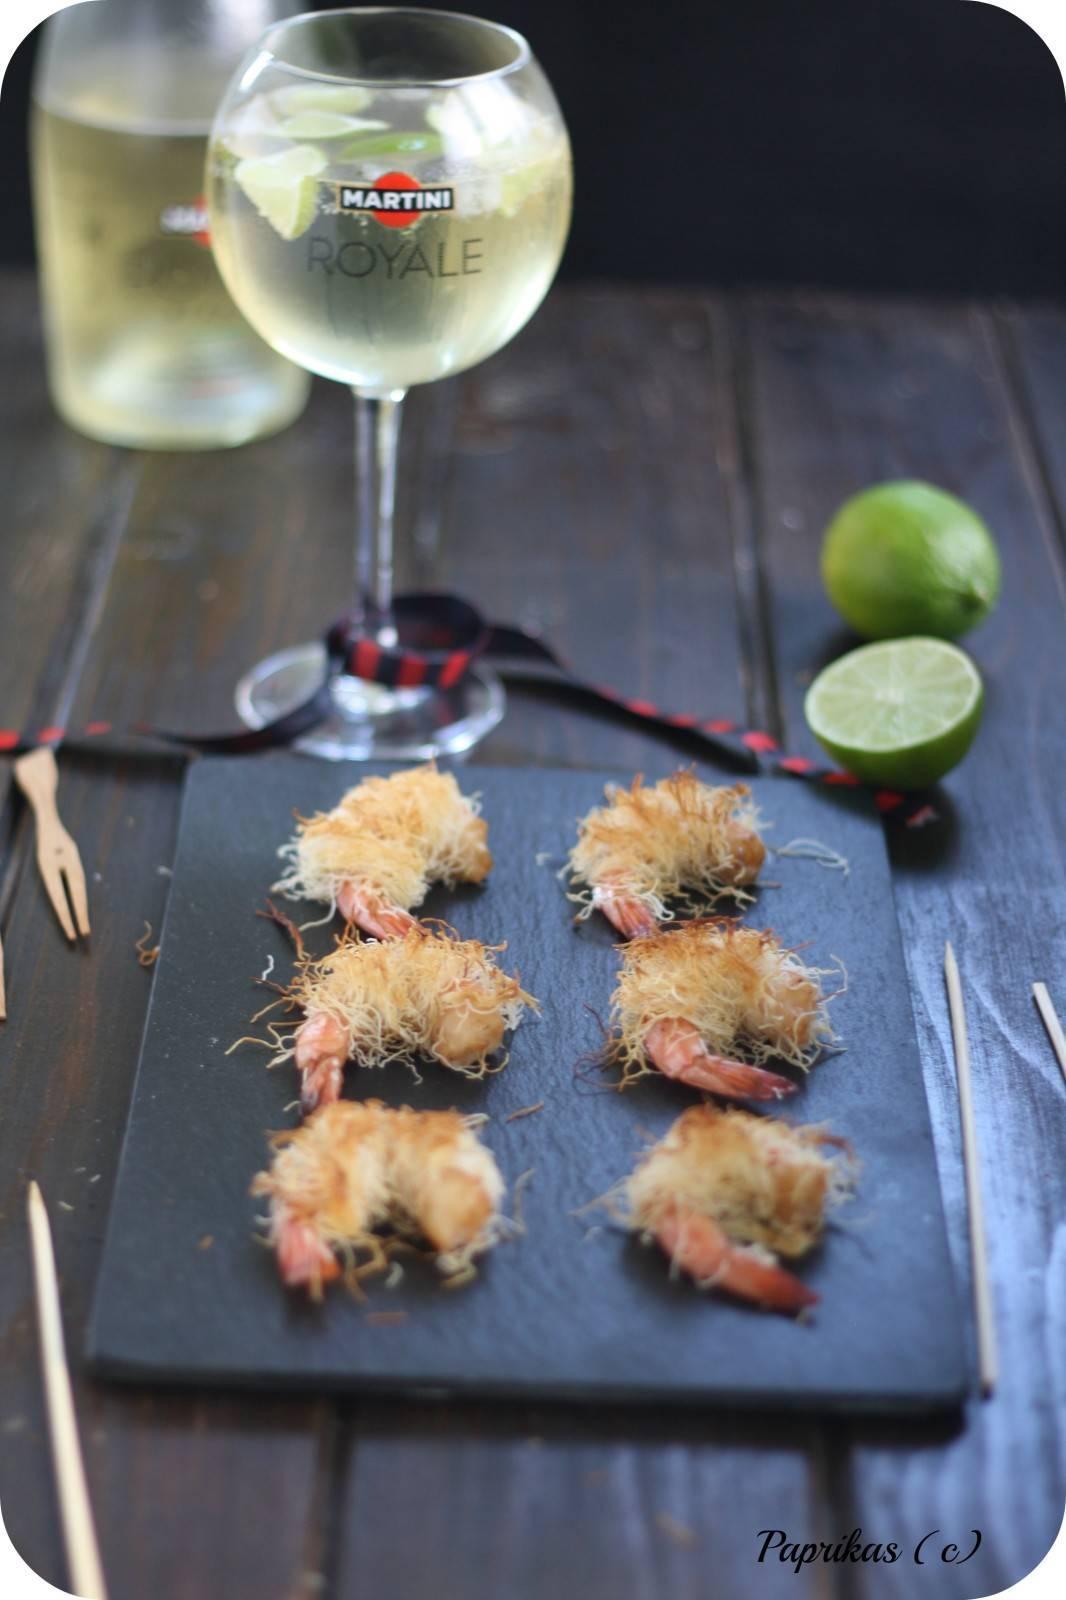 Crevettes Epicées au Kadaïf pour un Apéro Royal - Paprikas